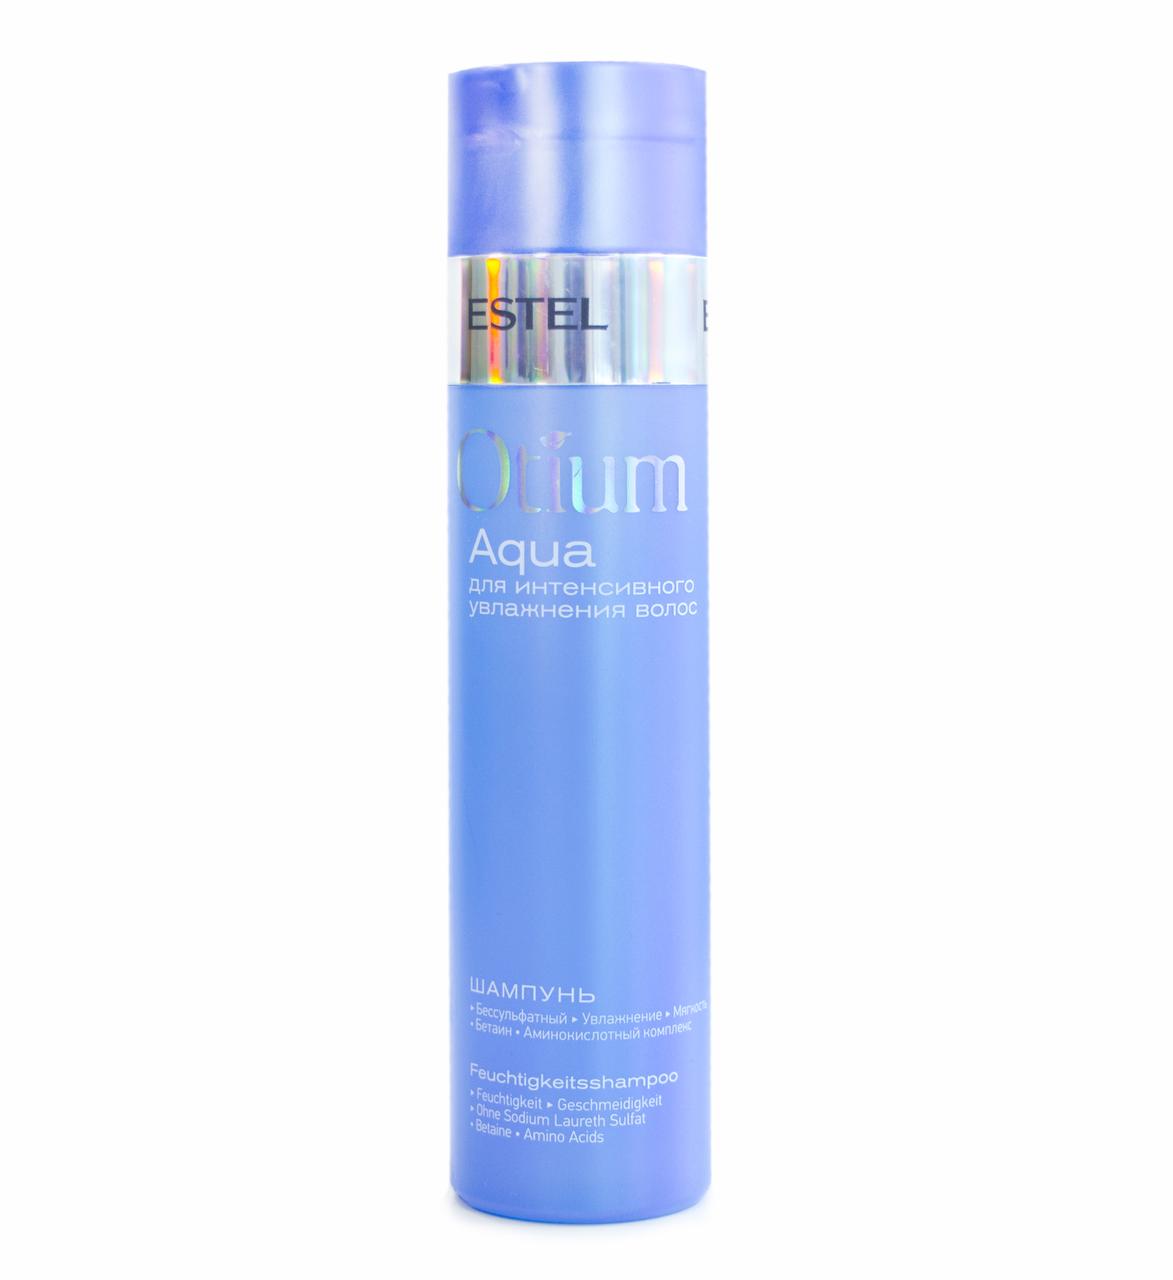 OTIUM AQUA - шампунь для интенсивного увлажнения волос